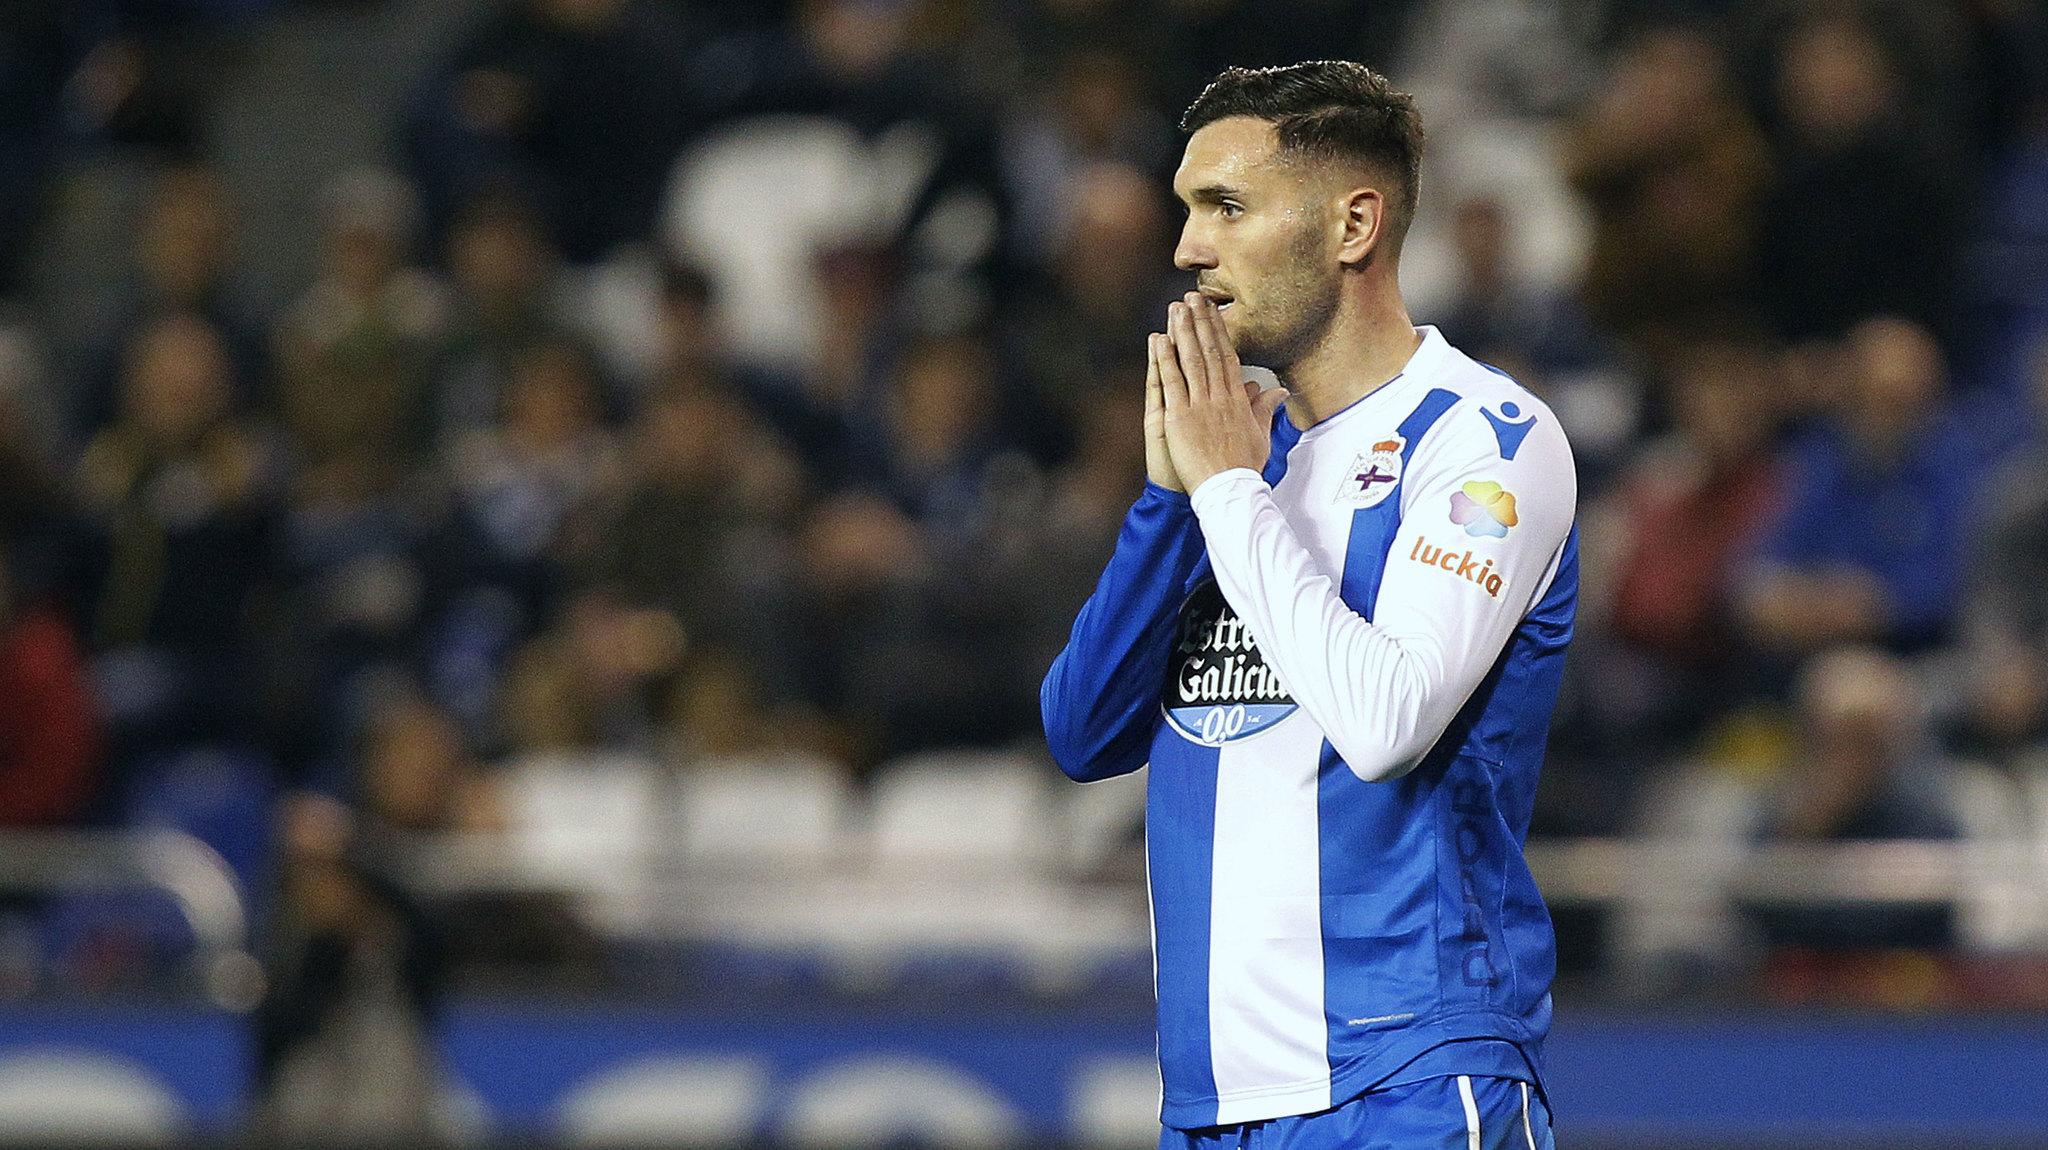 El delantero Lucas Pérez en el partido Deportivo-Leganés